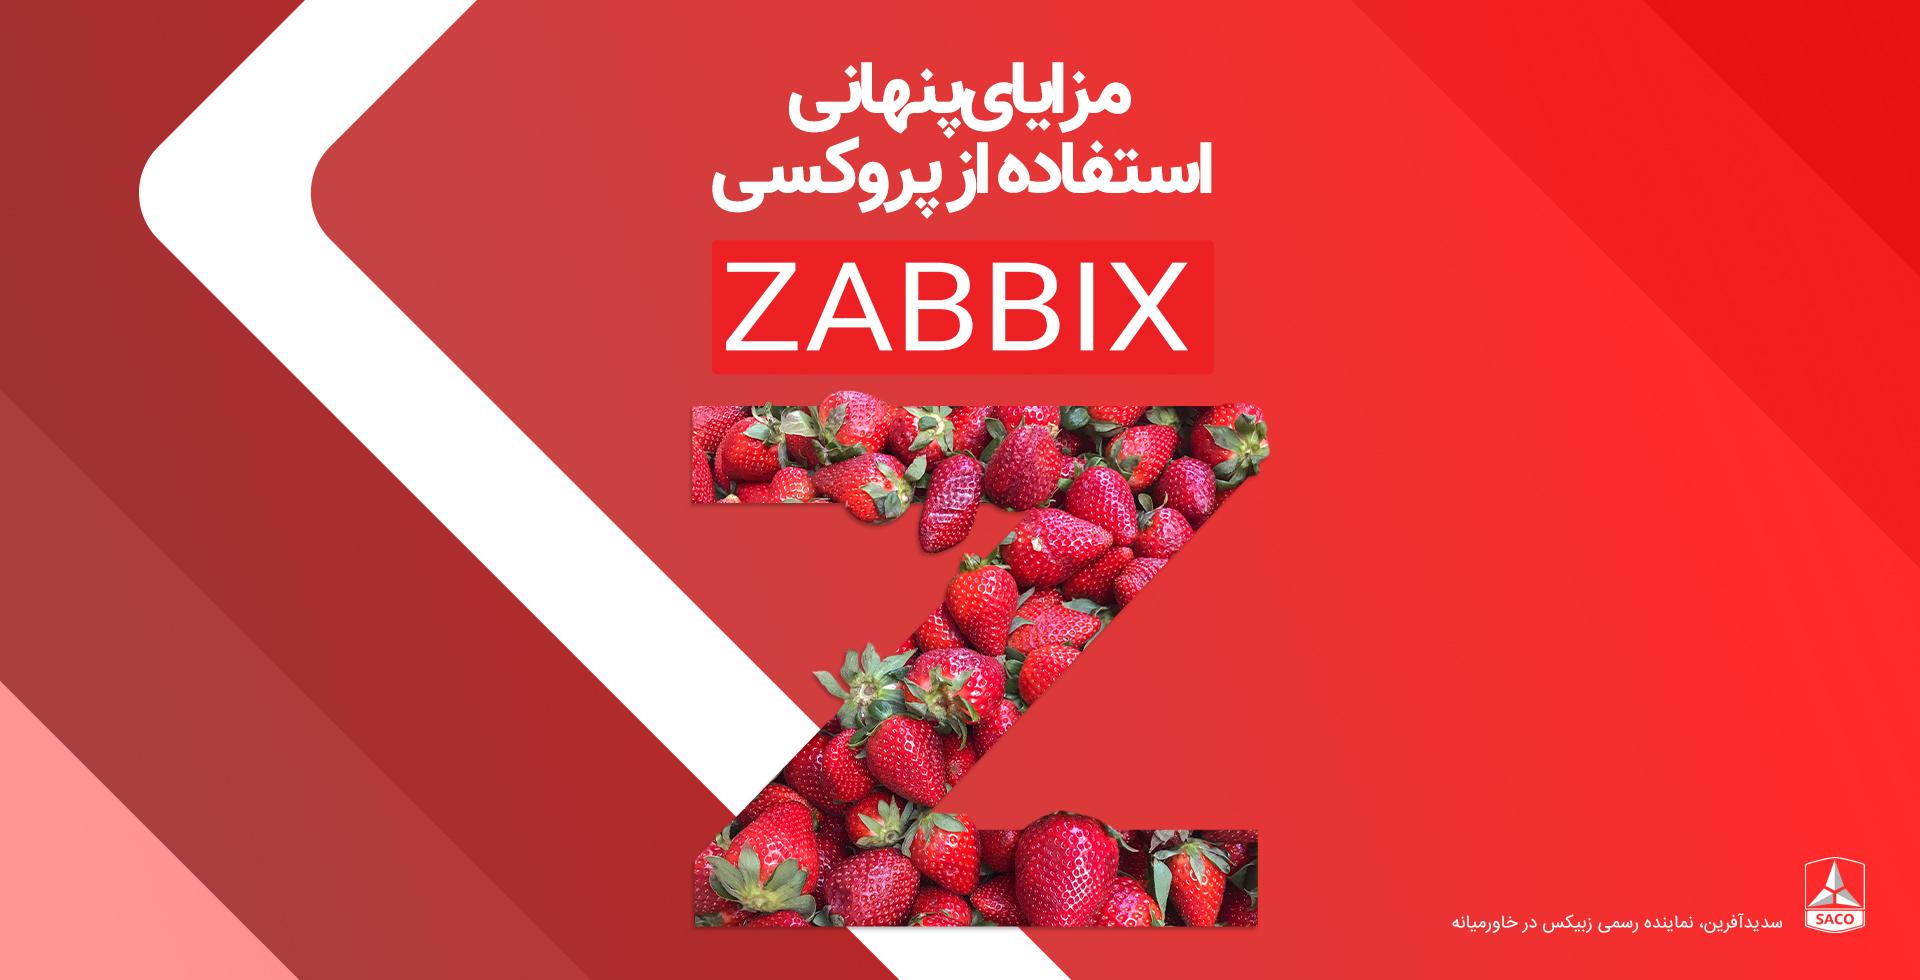 بررسی مزایای پنهان شده در استفاده از پروکسی زبیکس